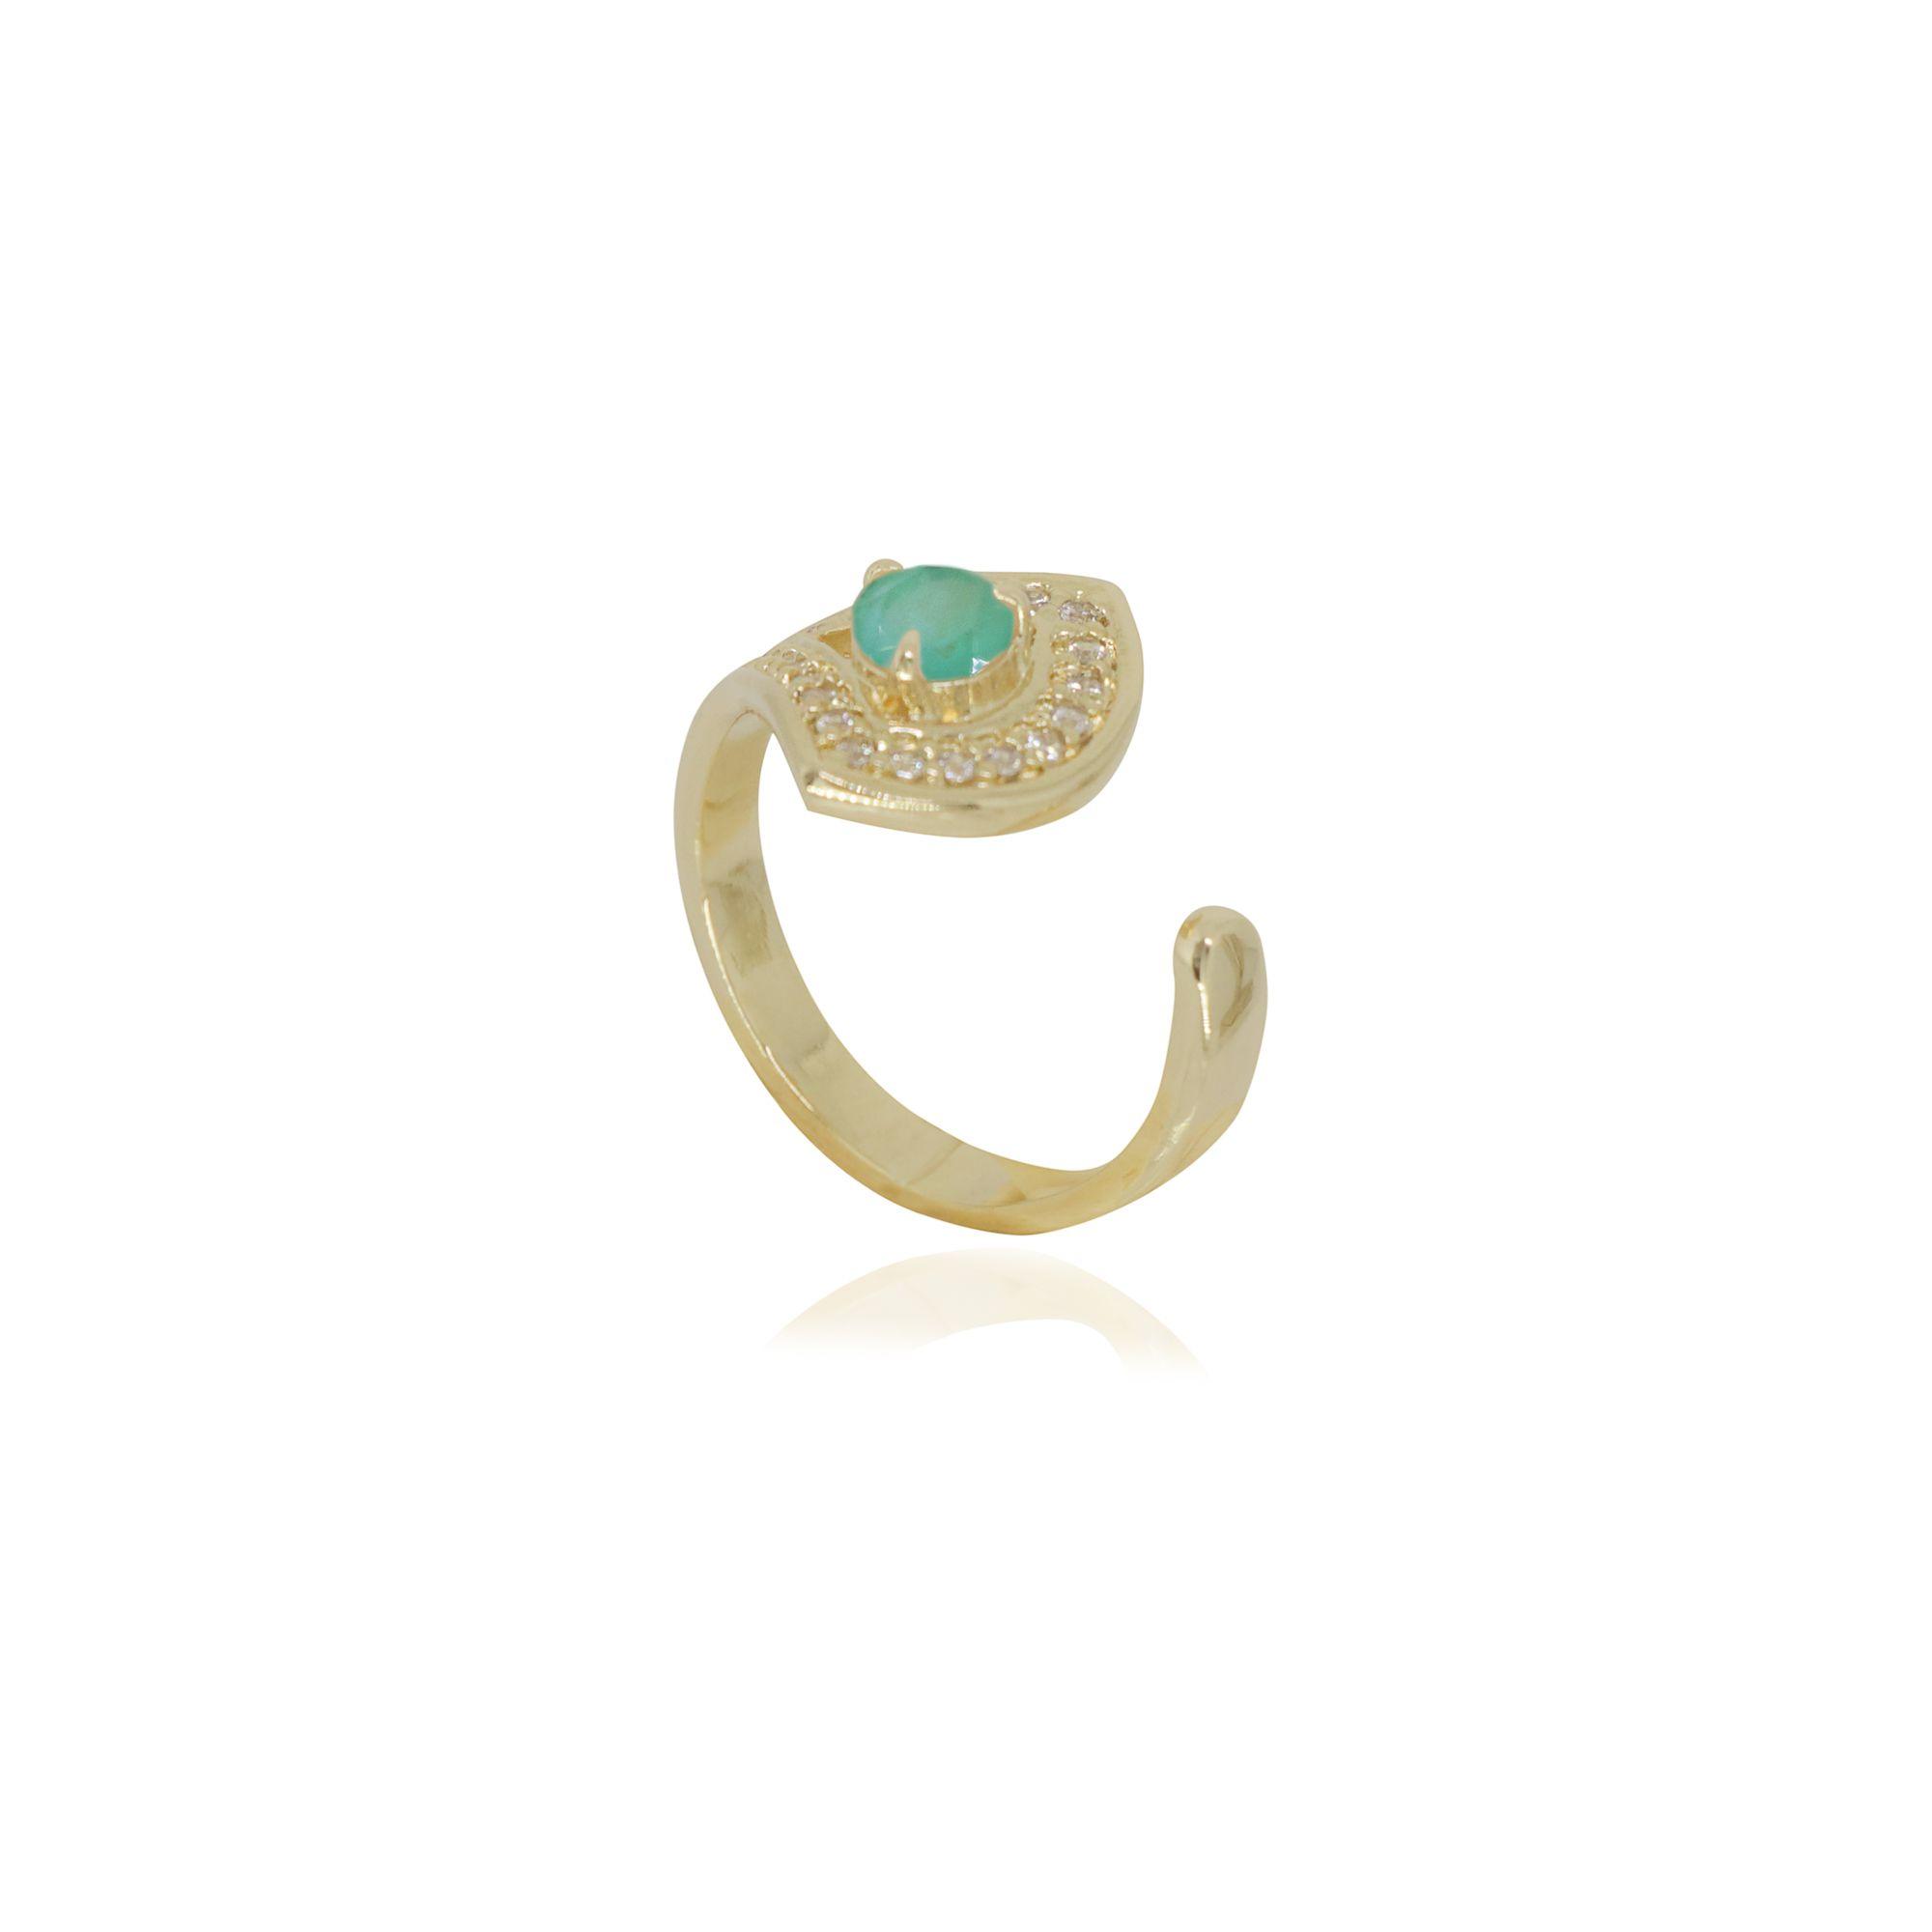 Anel semi joia virtuosa com cristal fosco, cravejado e banhado a ouro 18k ou rhodium